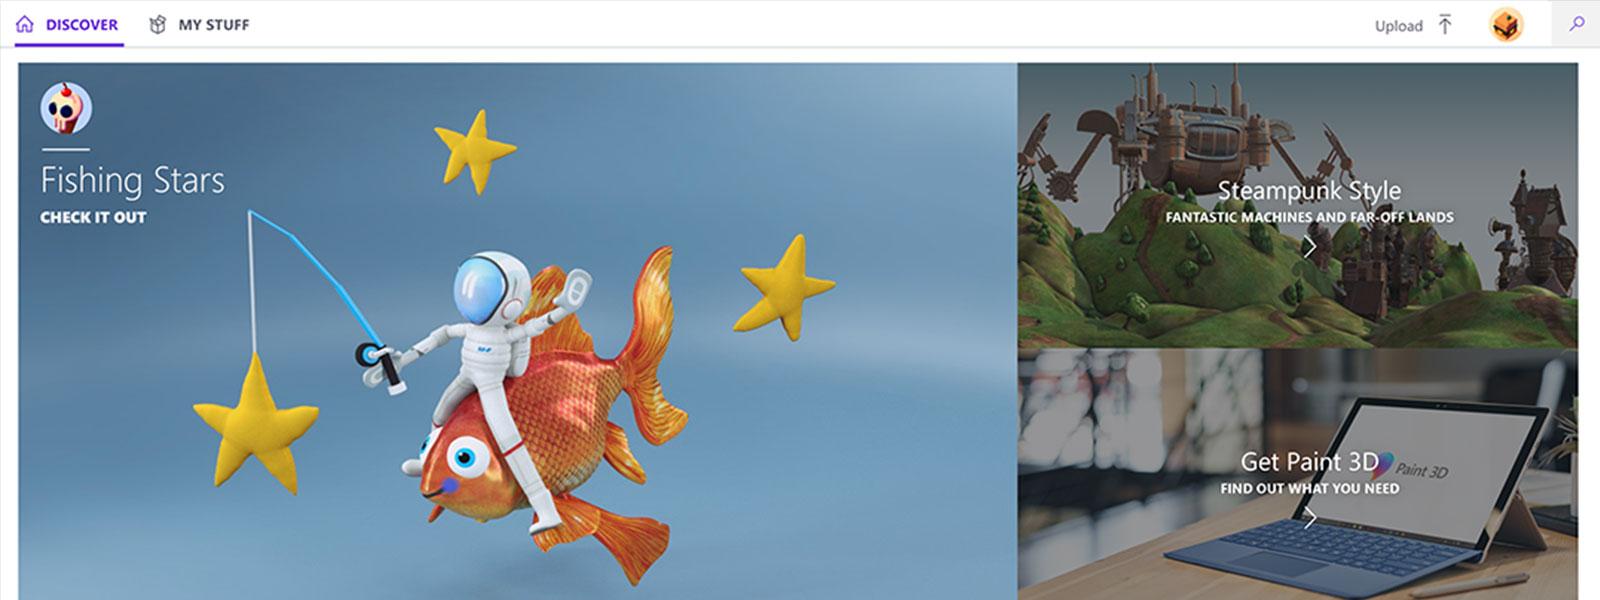 Beim Sterneangeln – Windows Paint 3D-Bild